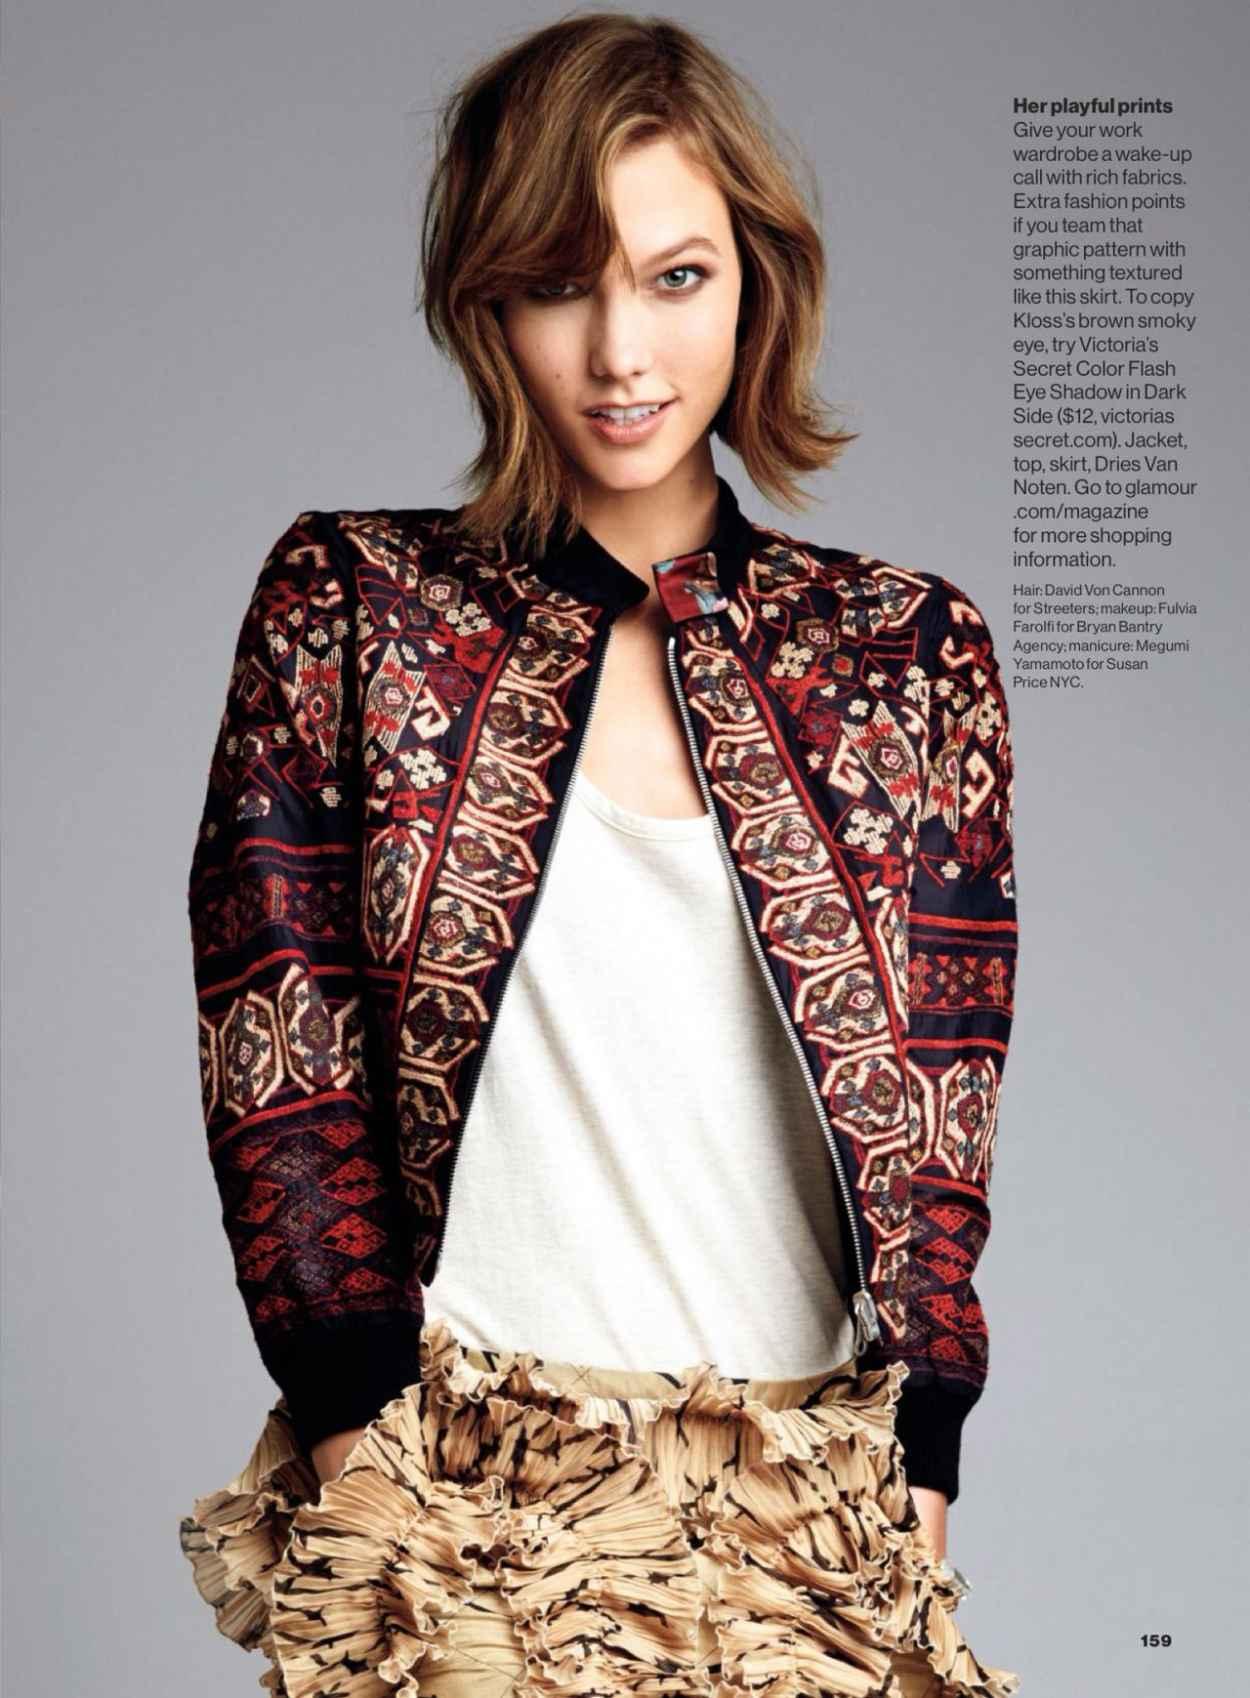 Karlie Kloss - GLAMOUR Magazine - February 2015 Issue-1